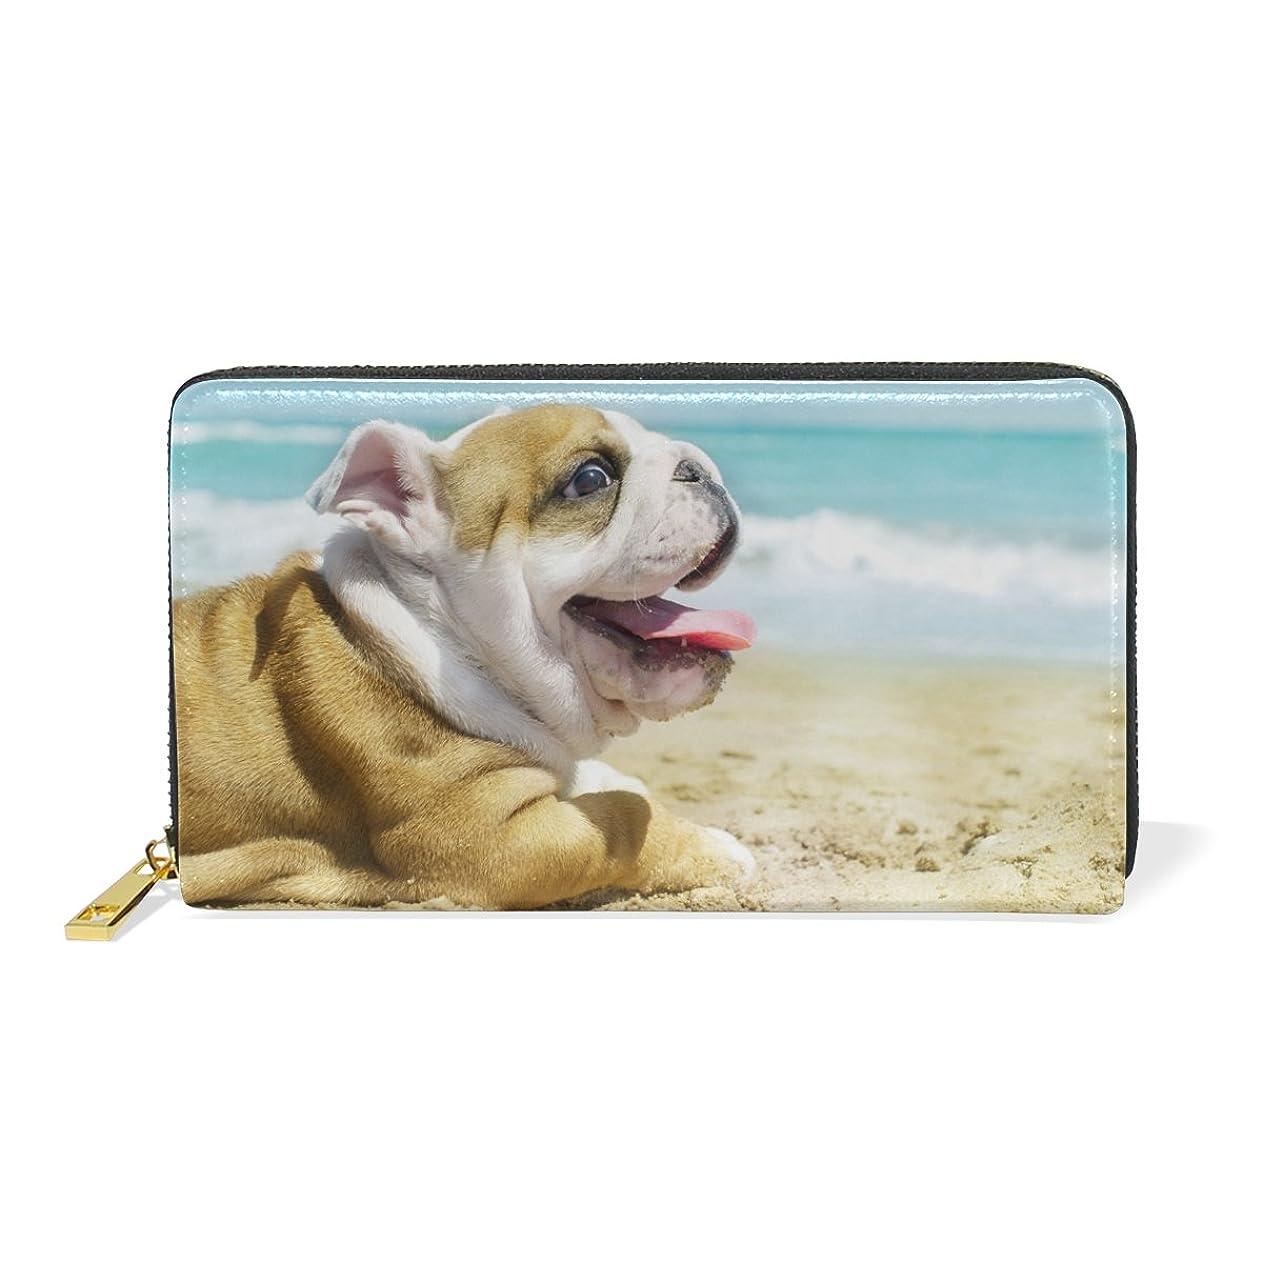 ホース九昼食マキク(MAKIKU) 長財布 レディース 本革 大容量 ラウンドファスナー カード12枚収納 プレゼント対応 海岸の犬 爽やか 癒される